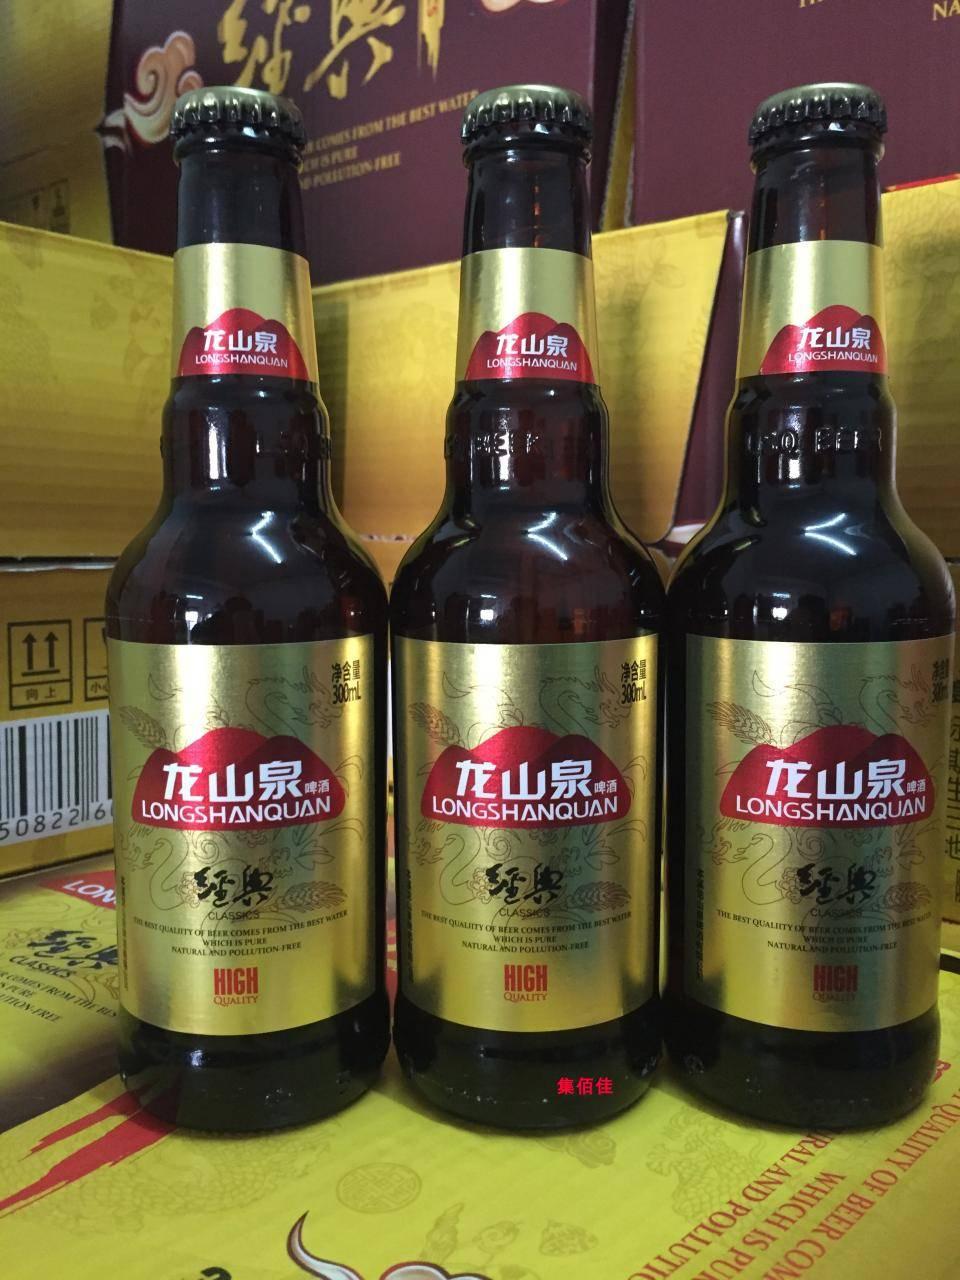 各种啤酒的价格表-各种品牌啤酒的价格-大麦丫-精酿啤酒连锁超市,工厂店平价酒吧免费加盟